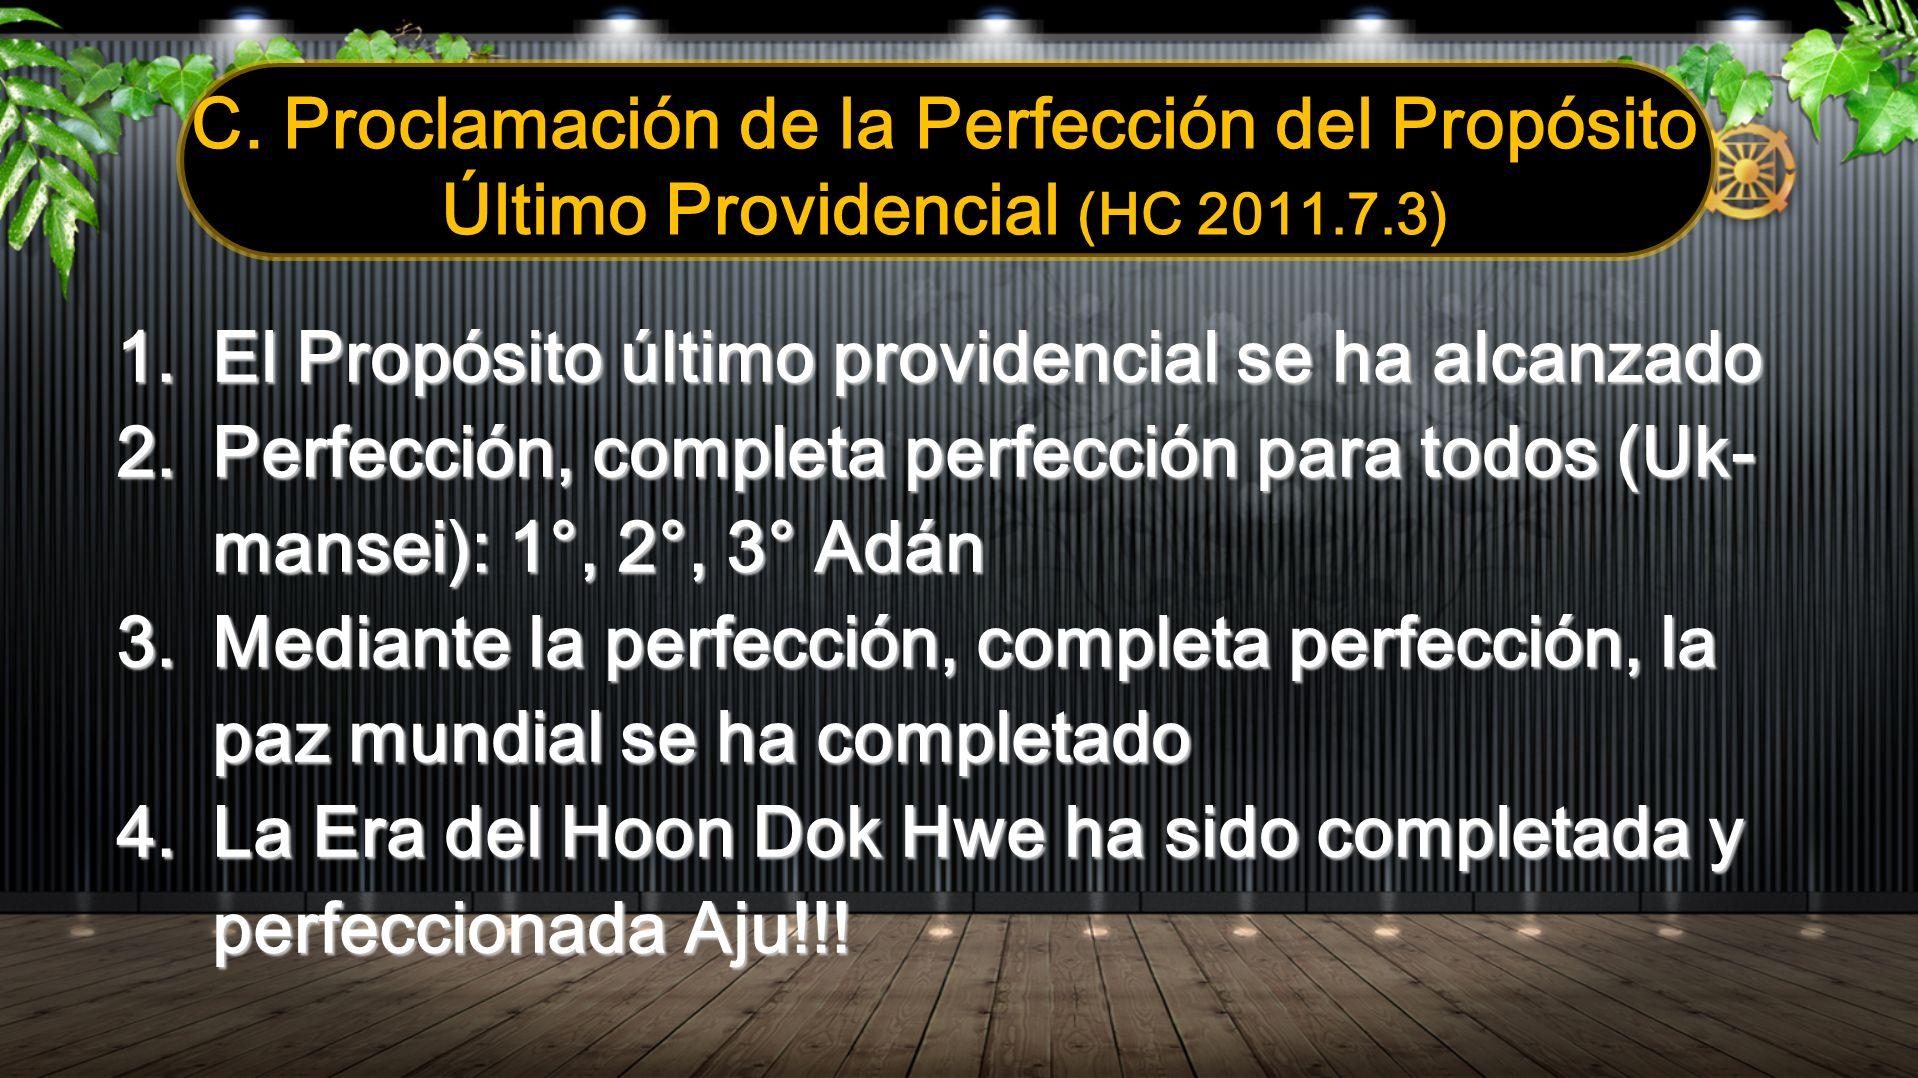 C. Proclamación de la Perfección del Propósito Último Providencial (HC 2011.7.3)